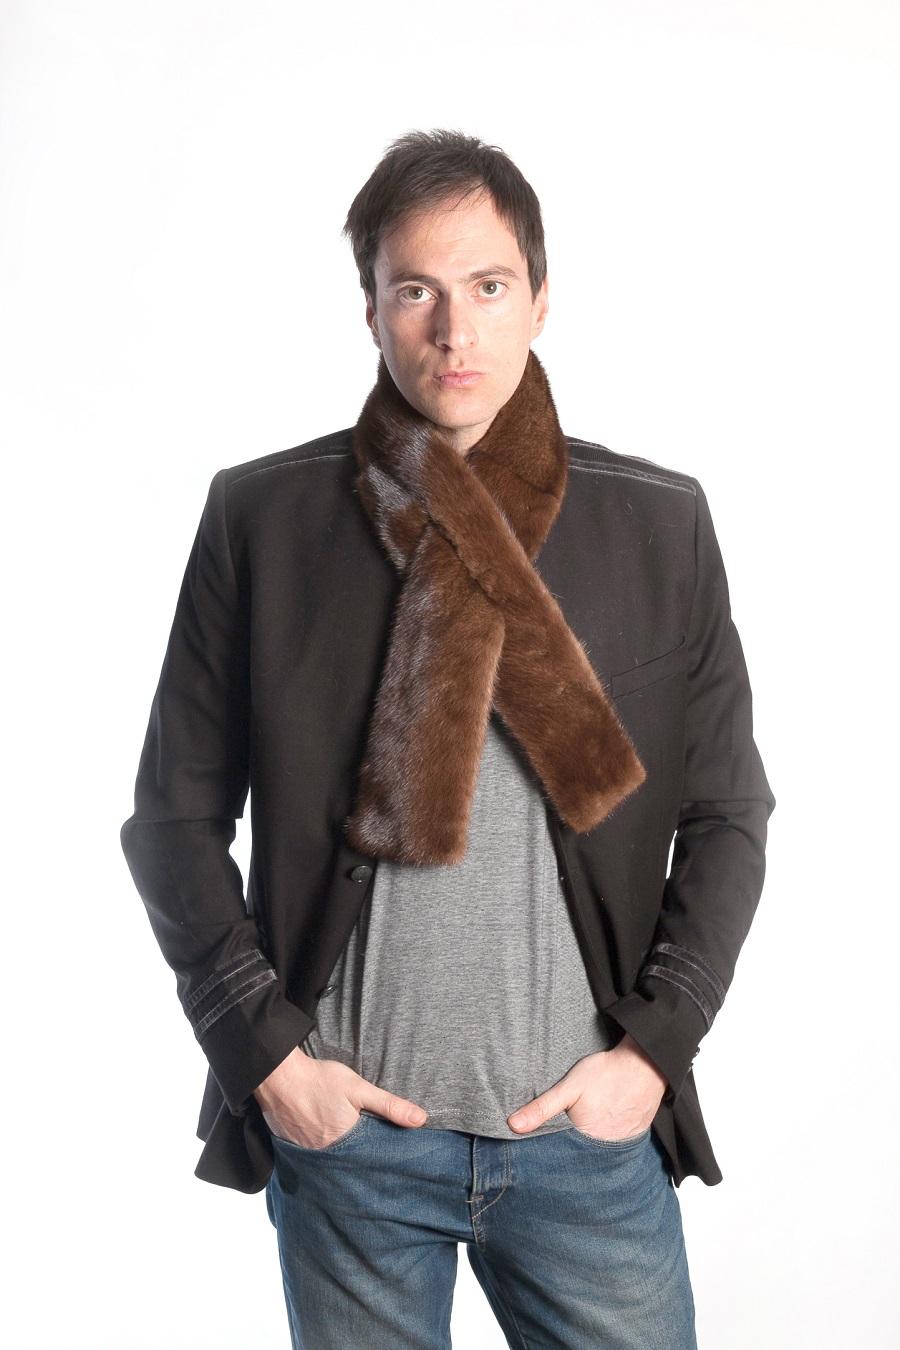 miglior servizio 77068 ea6fe La sciarpa in pelliccia di visone anche per l'uomo italiano